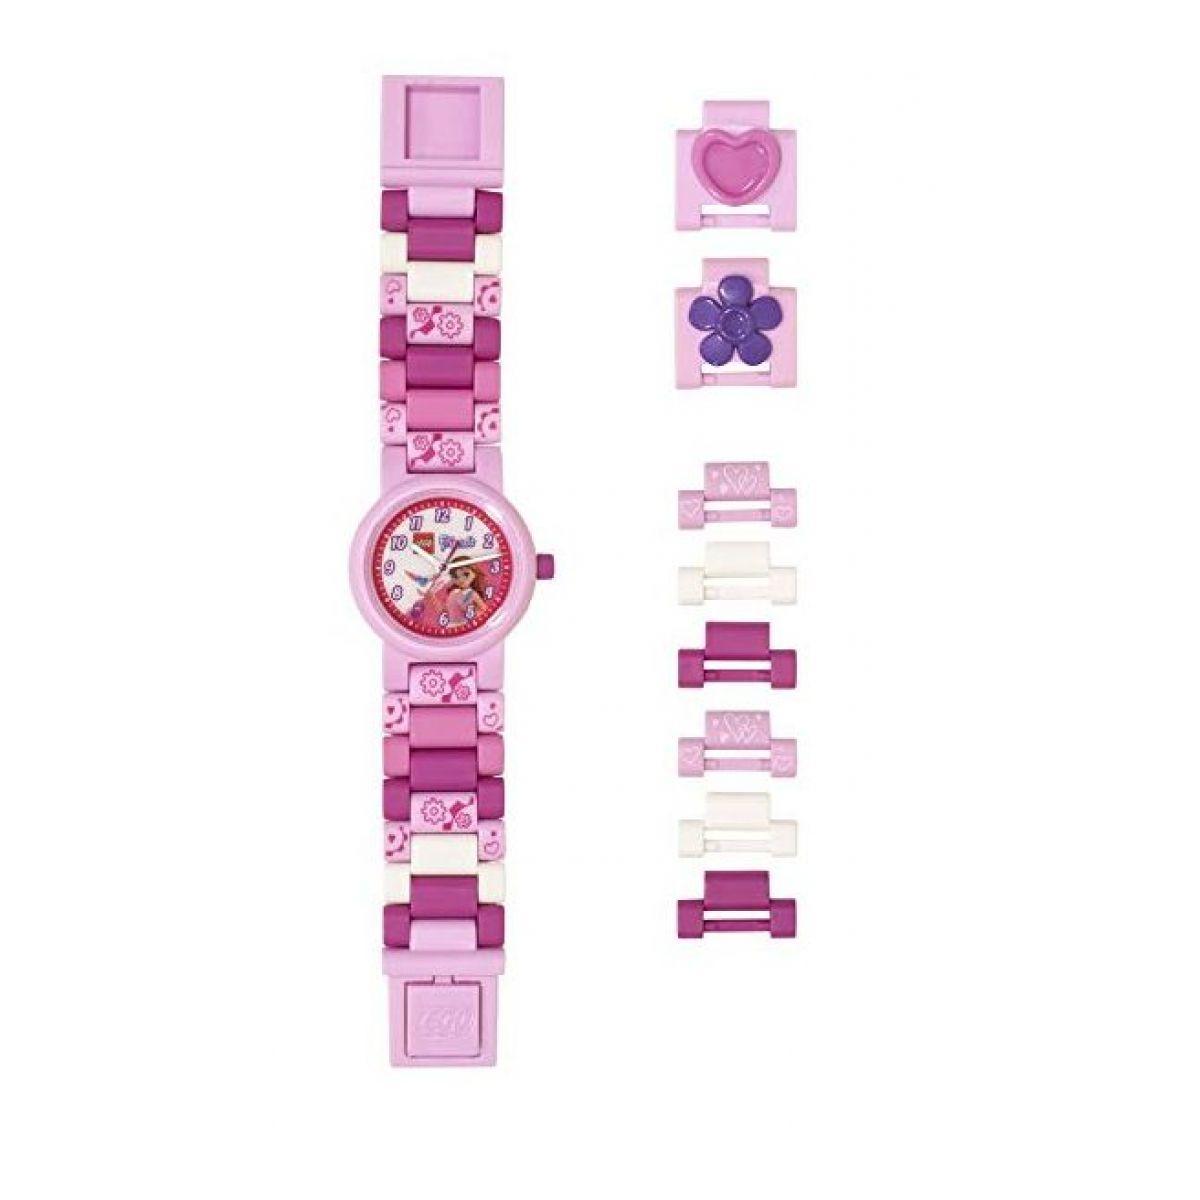 LEGO Friends Olivia hodinky